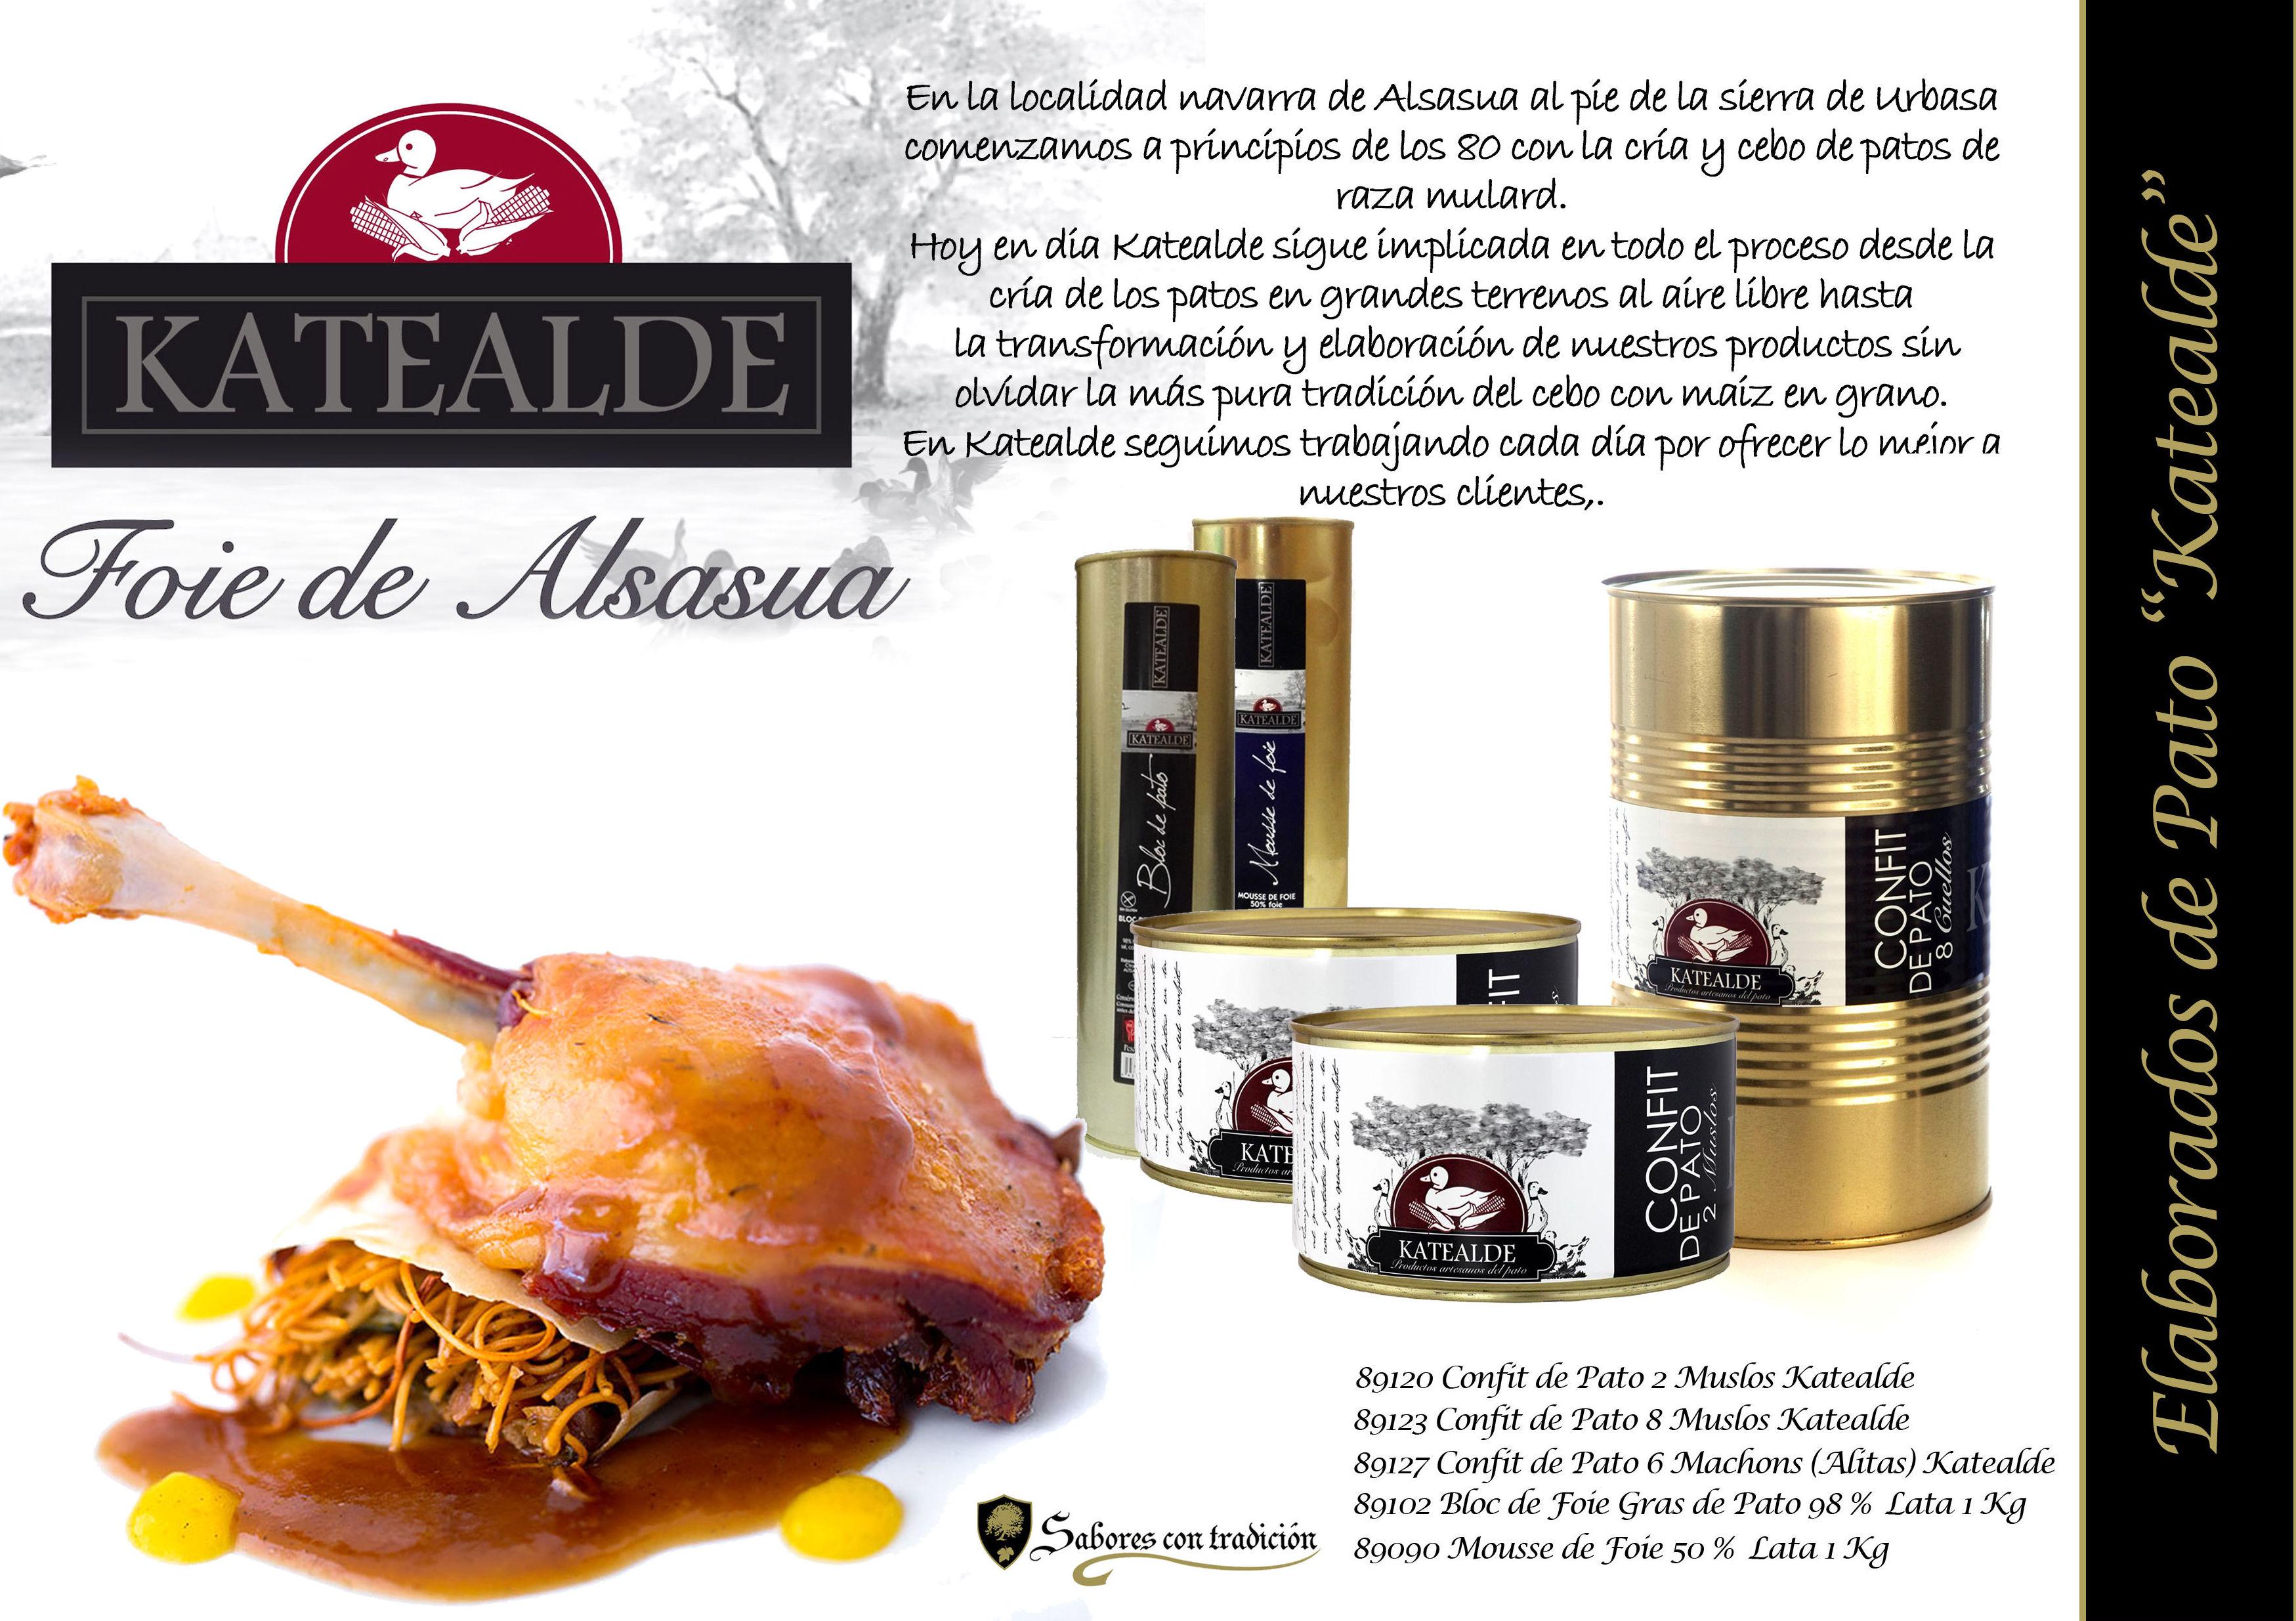 """Elaborados de Pato """" Katealde """": Productos de Sabores con tradición"""